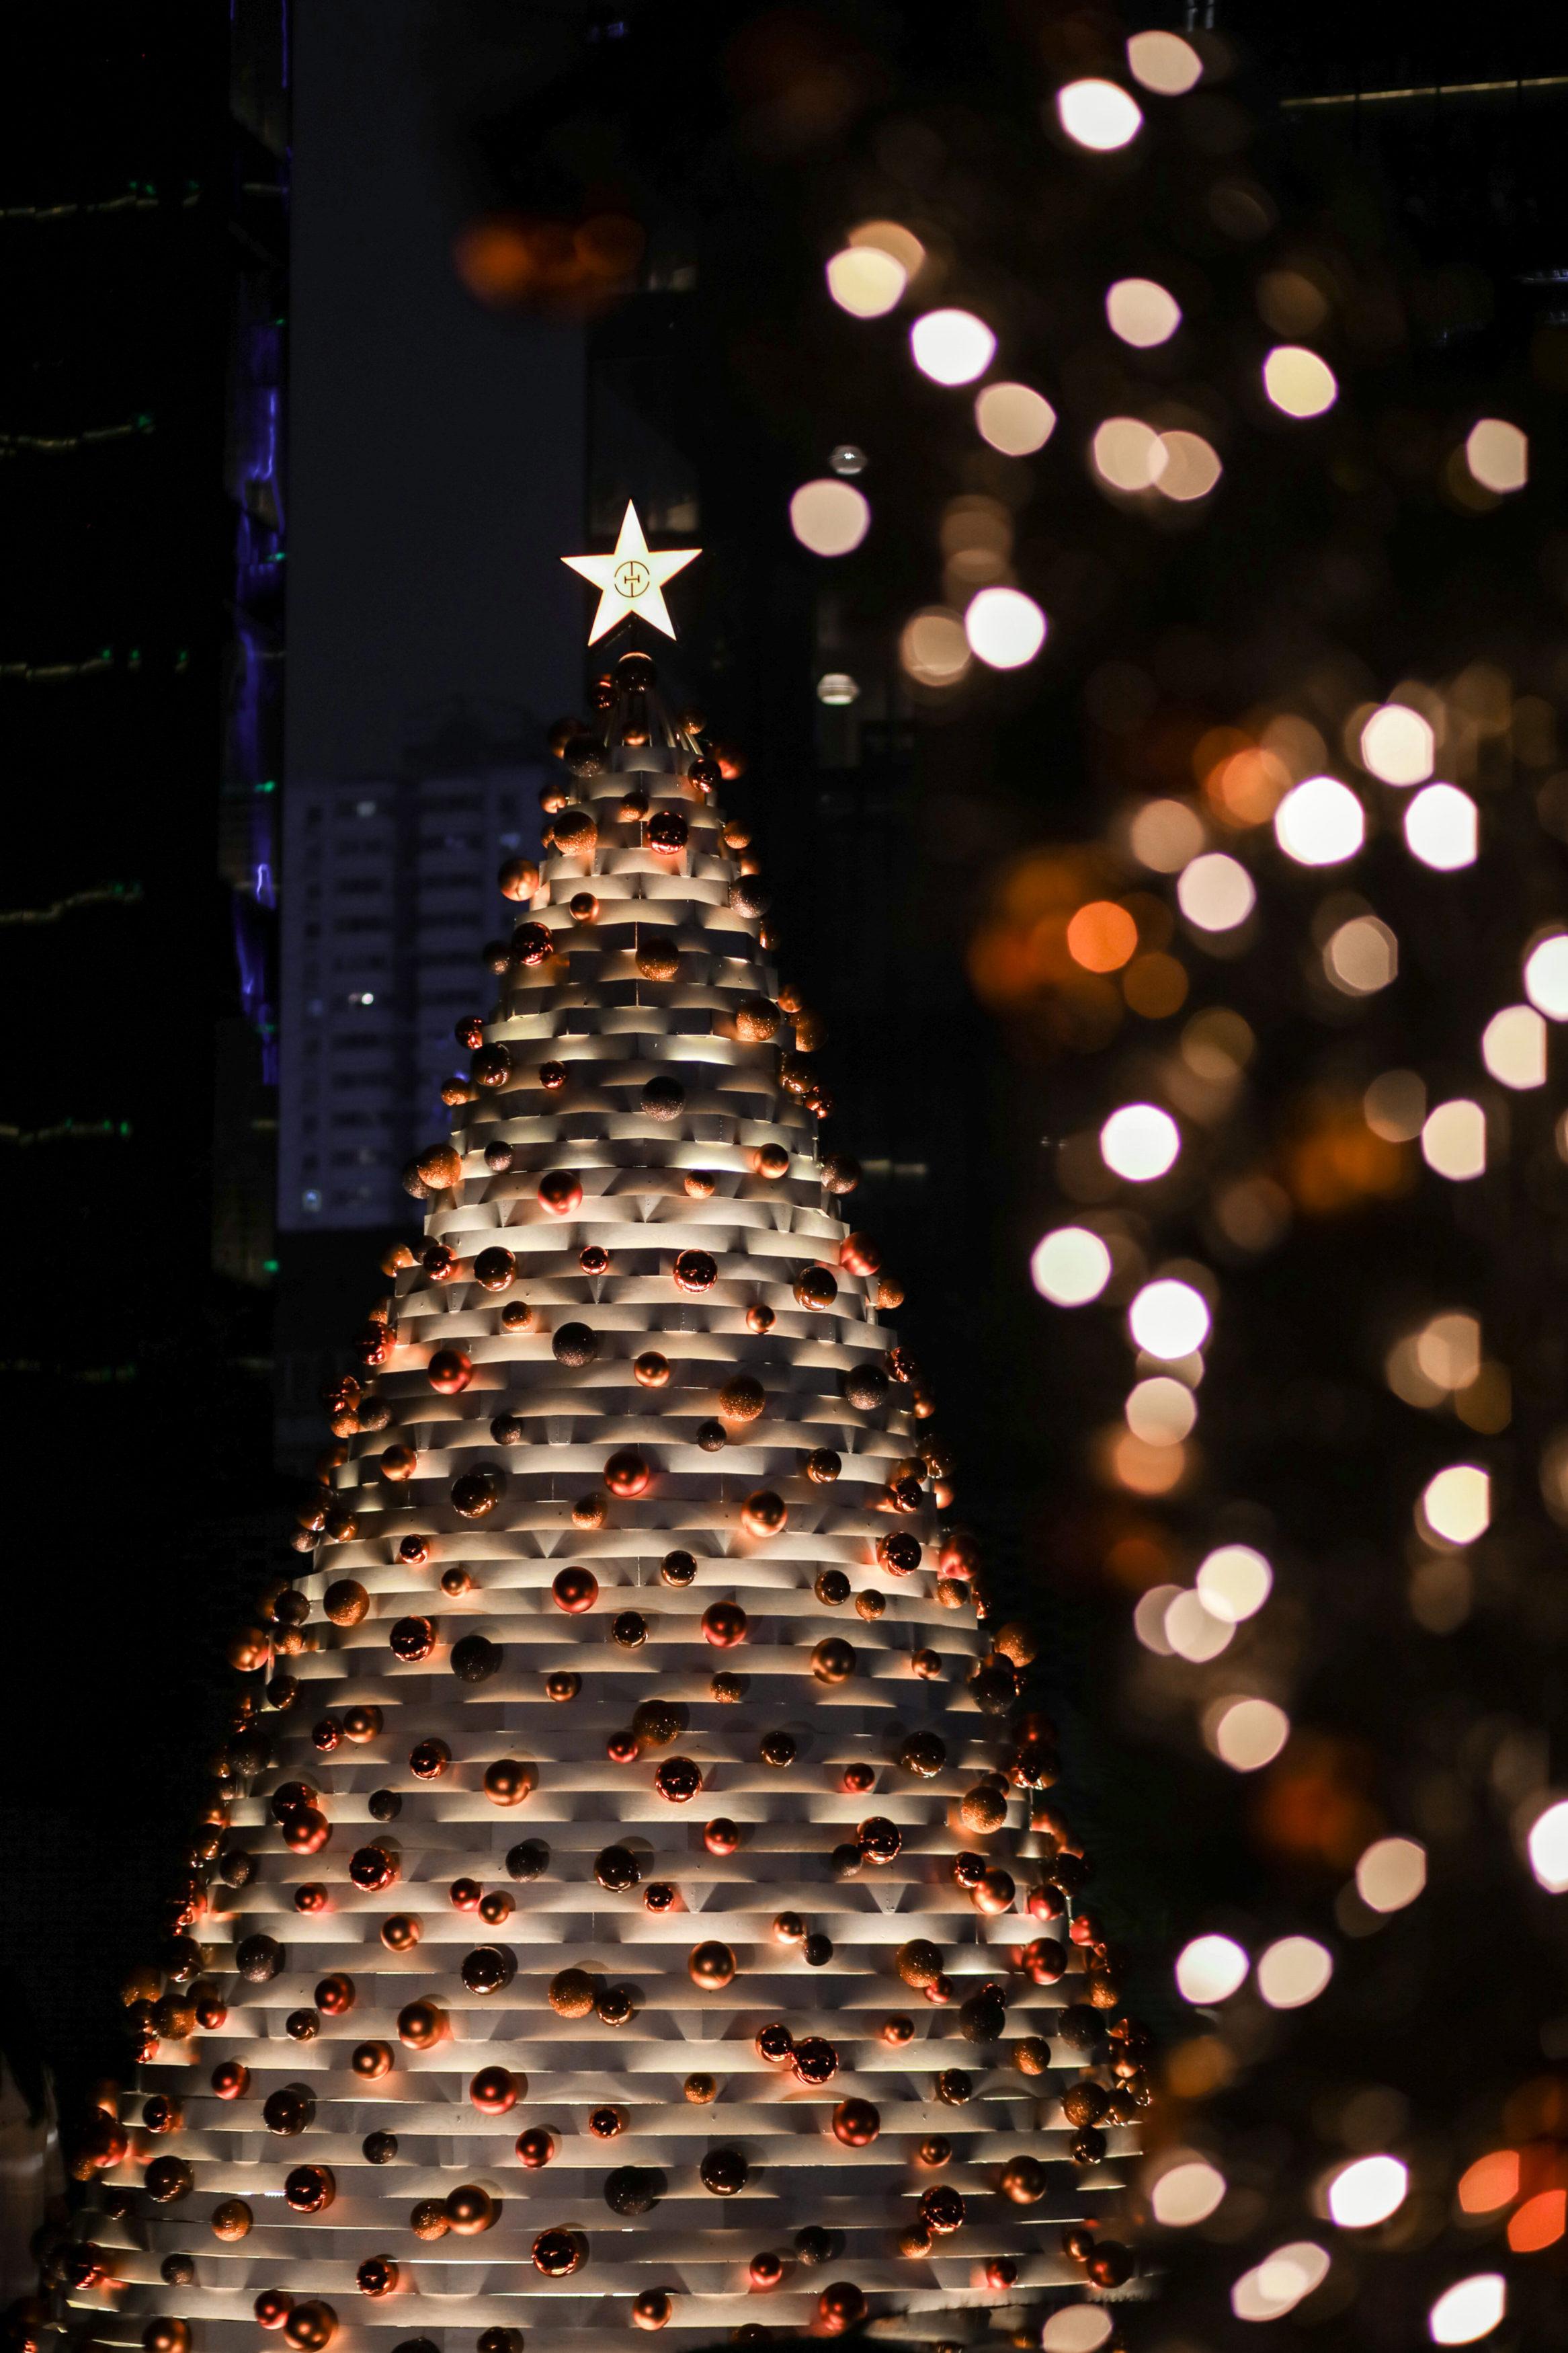 古代与改进博舍环保圣诞季点亮可接续愿景